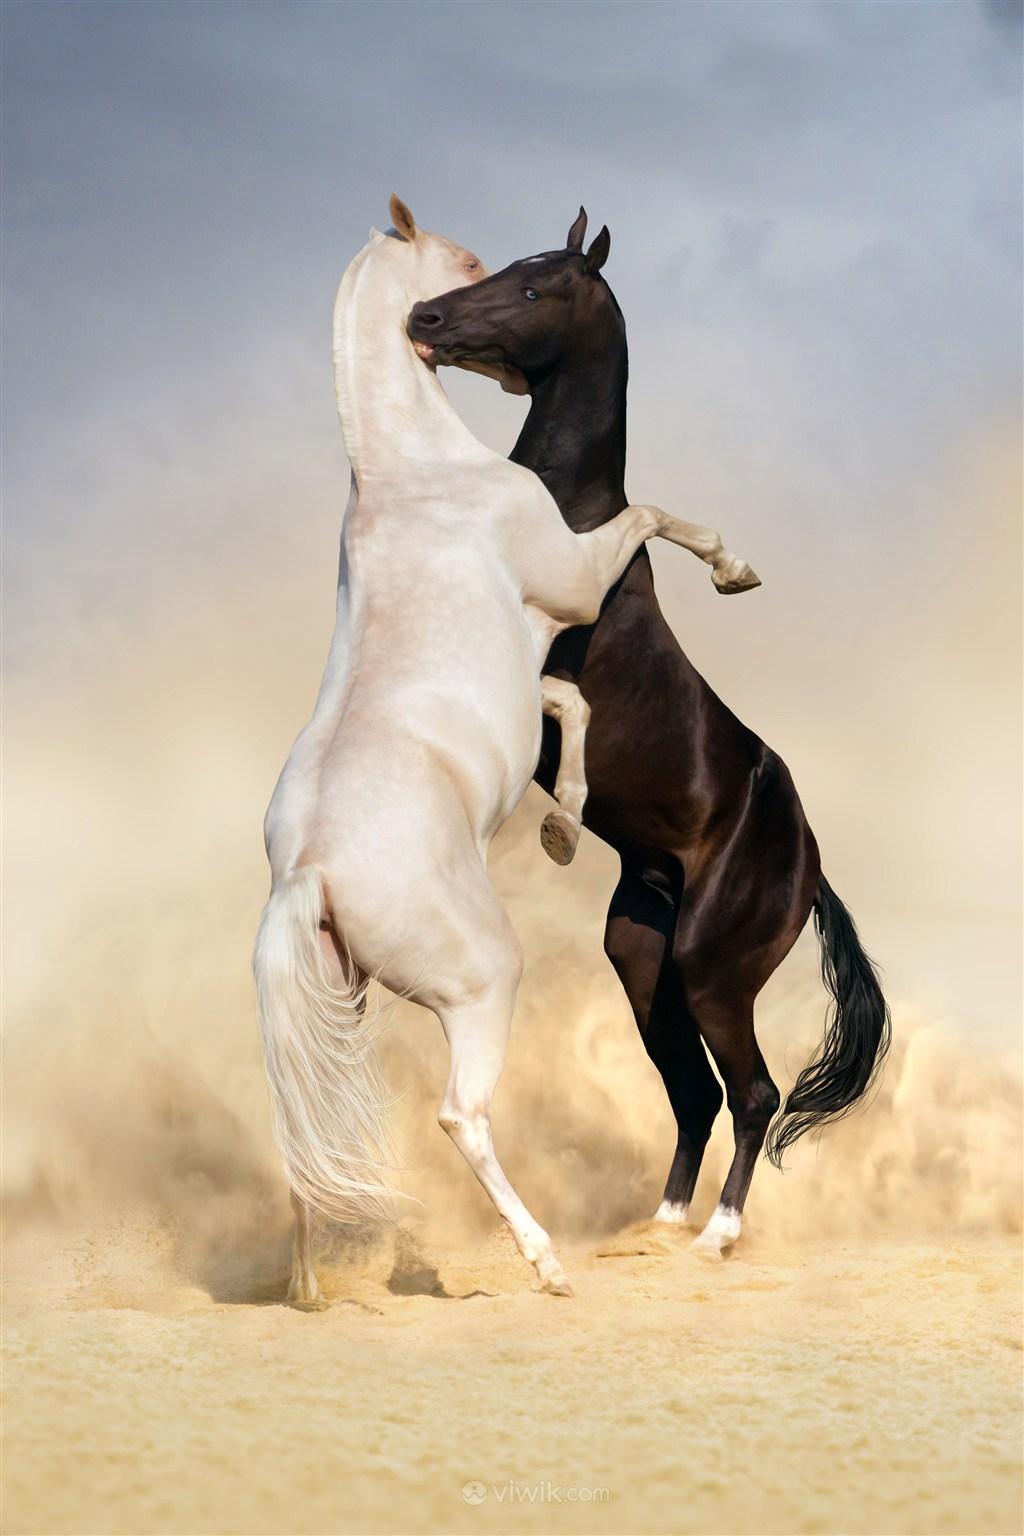 拥抱的白马与黑骏马野生动物图片